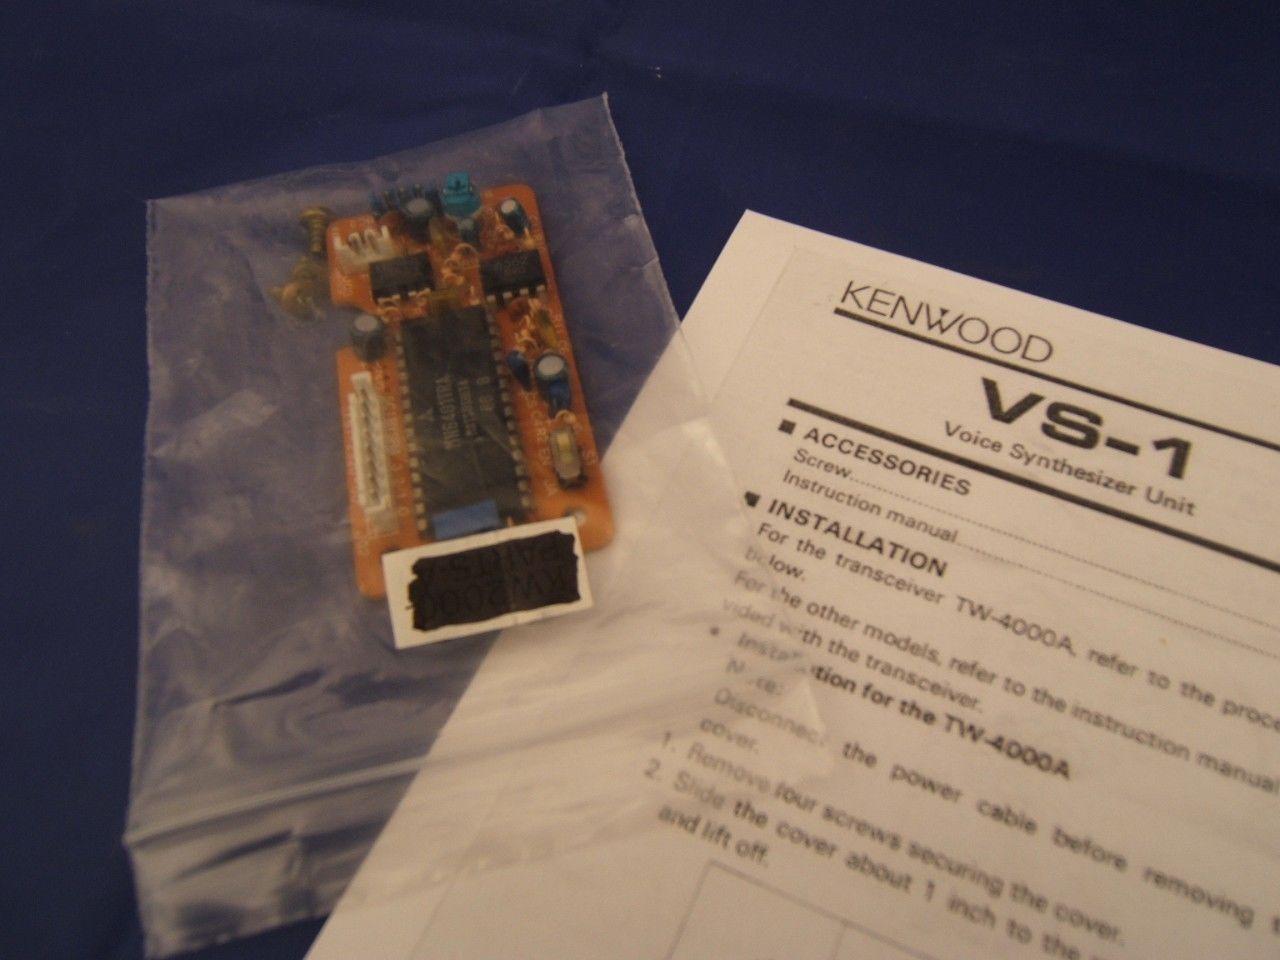 Kenwood VS-1 Voice Synthesizer